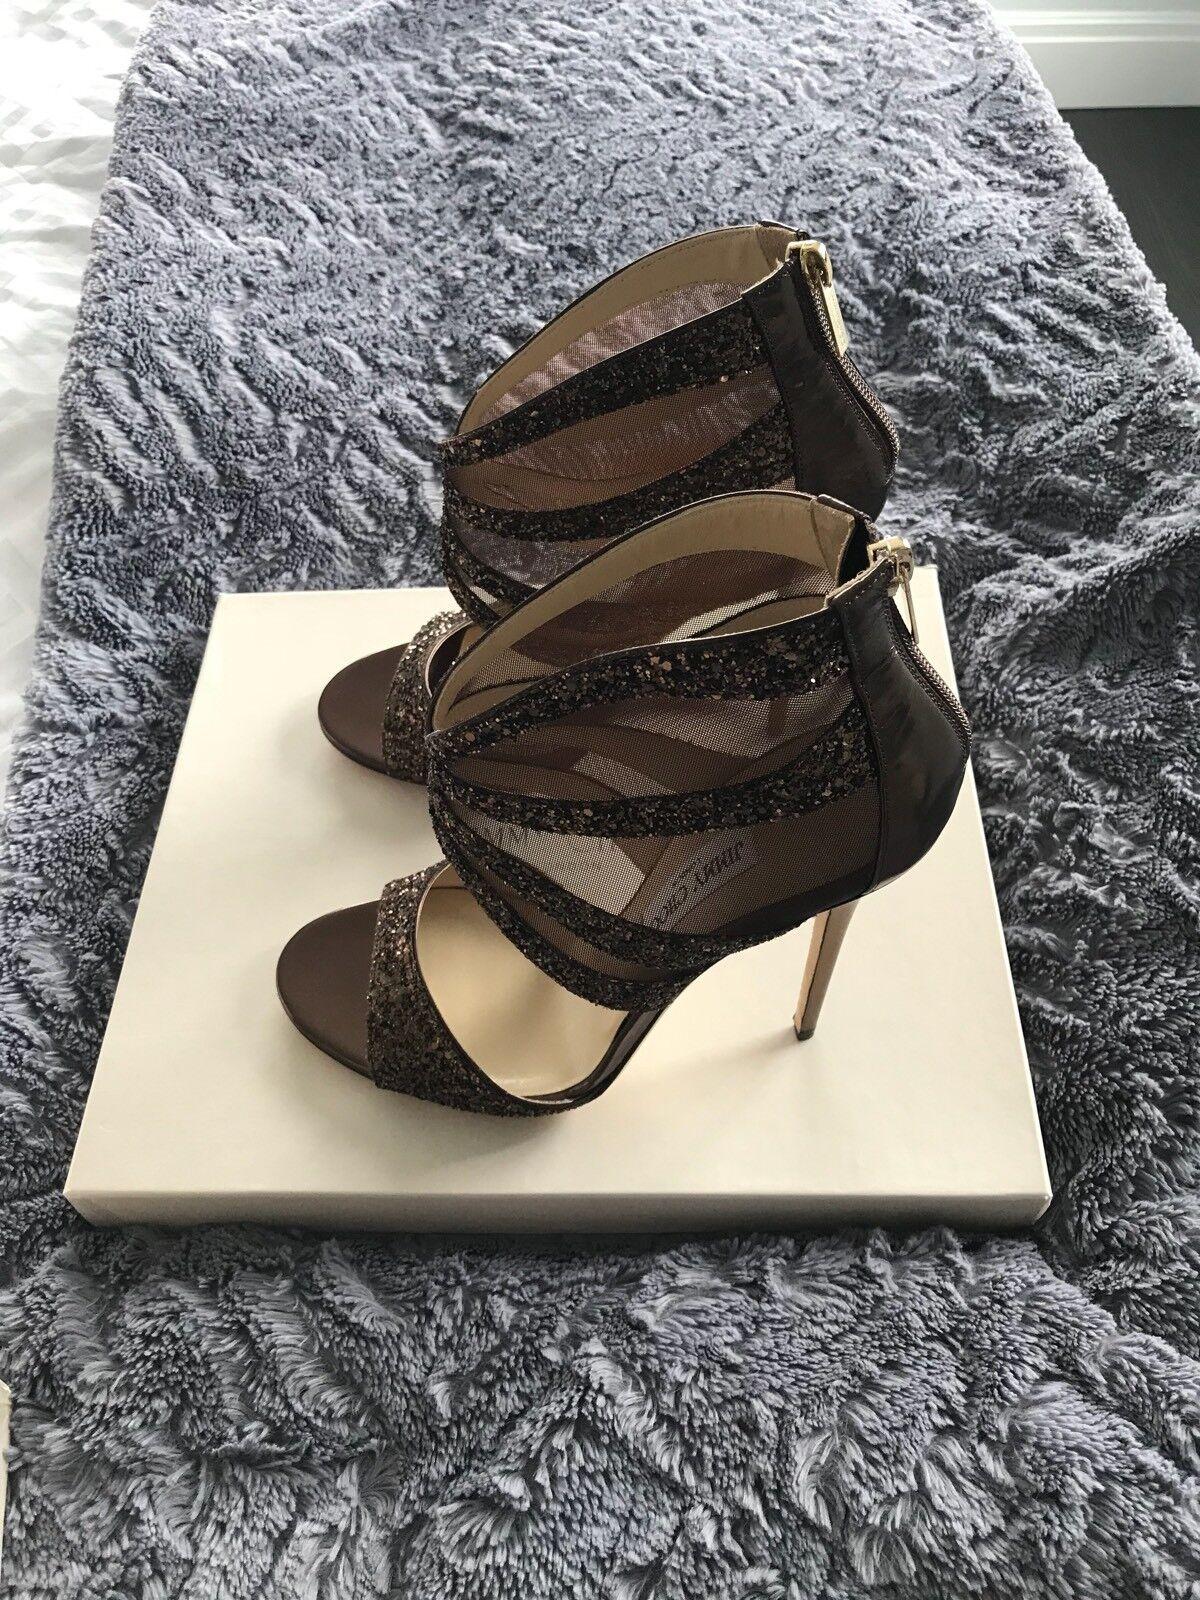 servizio onesto Bronze Evening Evening Evening Jimmy Choo scarpe NIB Dimensione 41  spedizione veloce a te